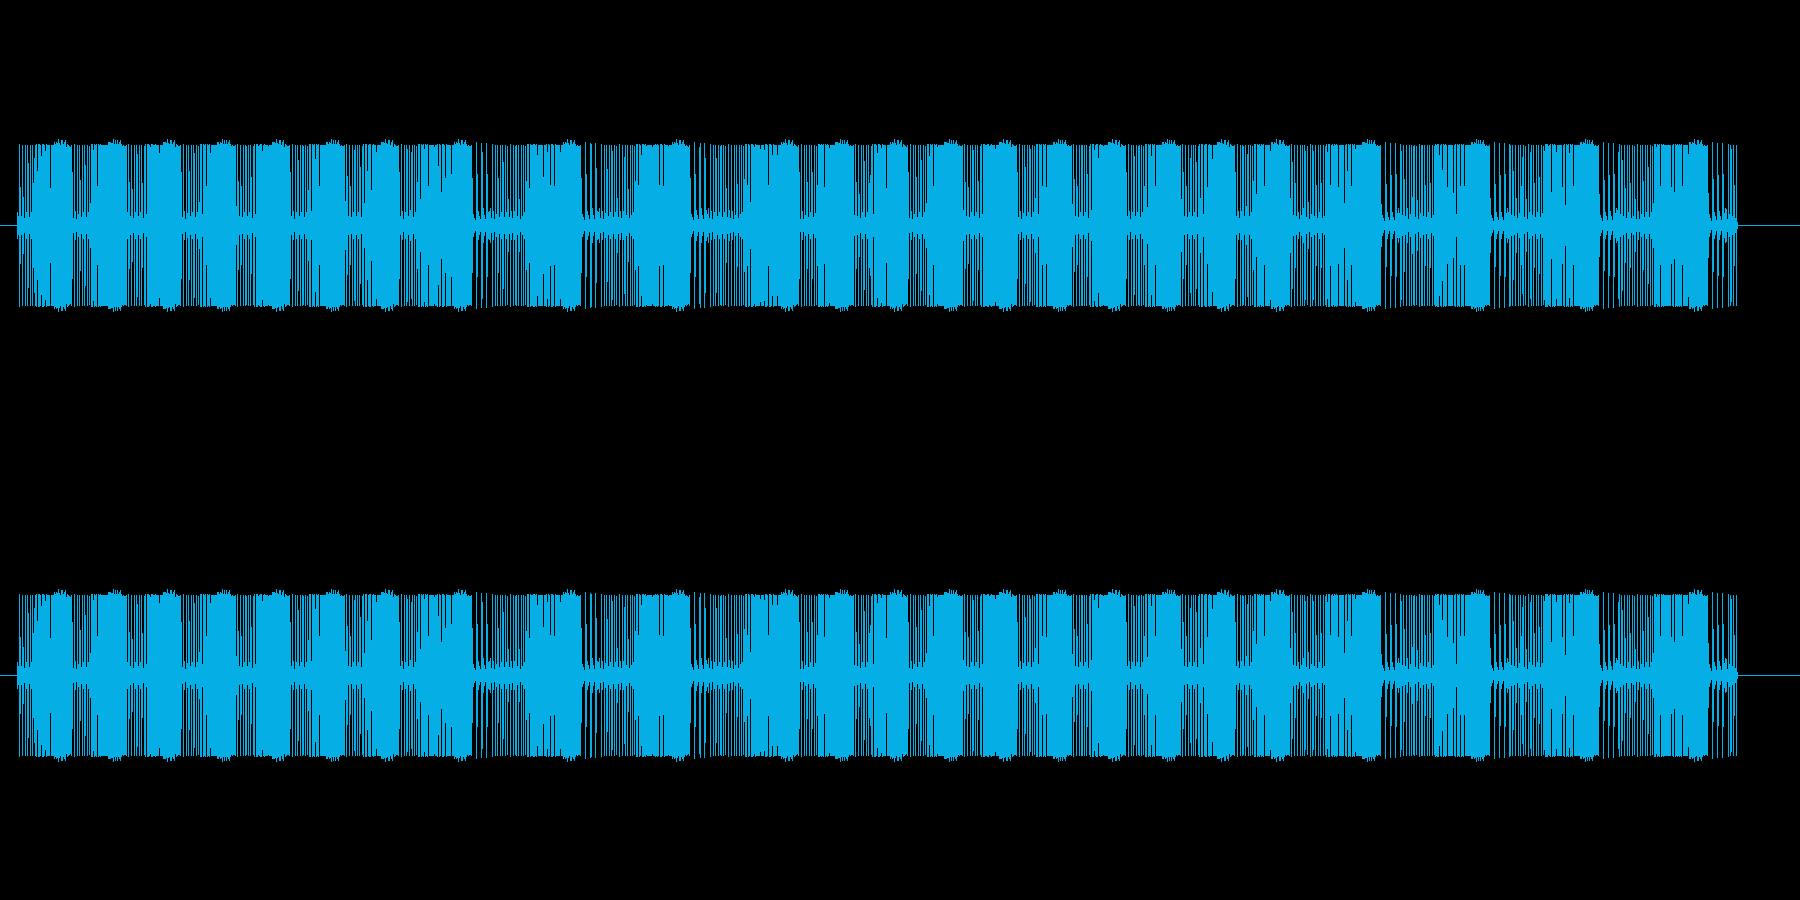 ビームを撃つ音(ビビビビ、ビュビュビュ)の再生済みの波形